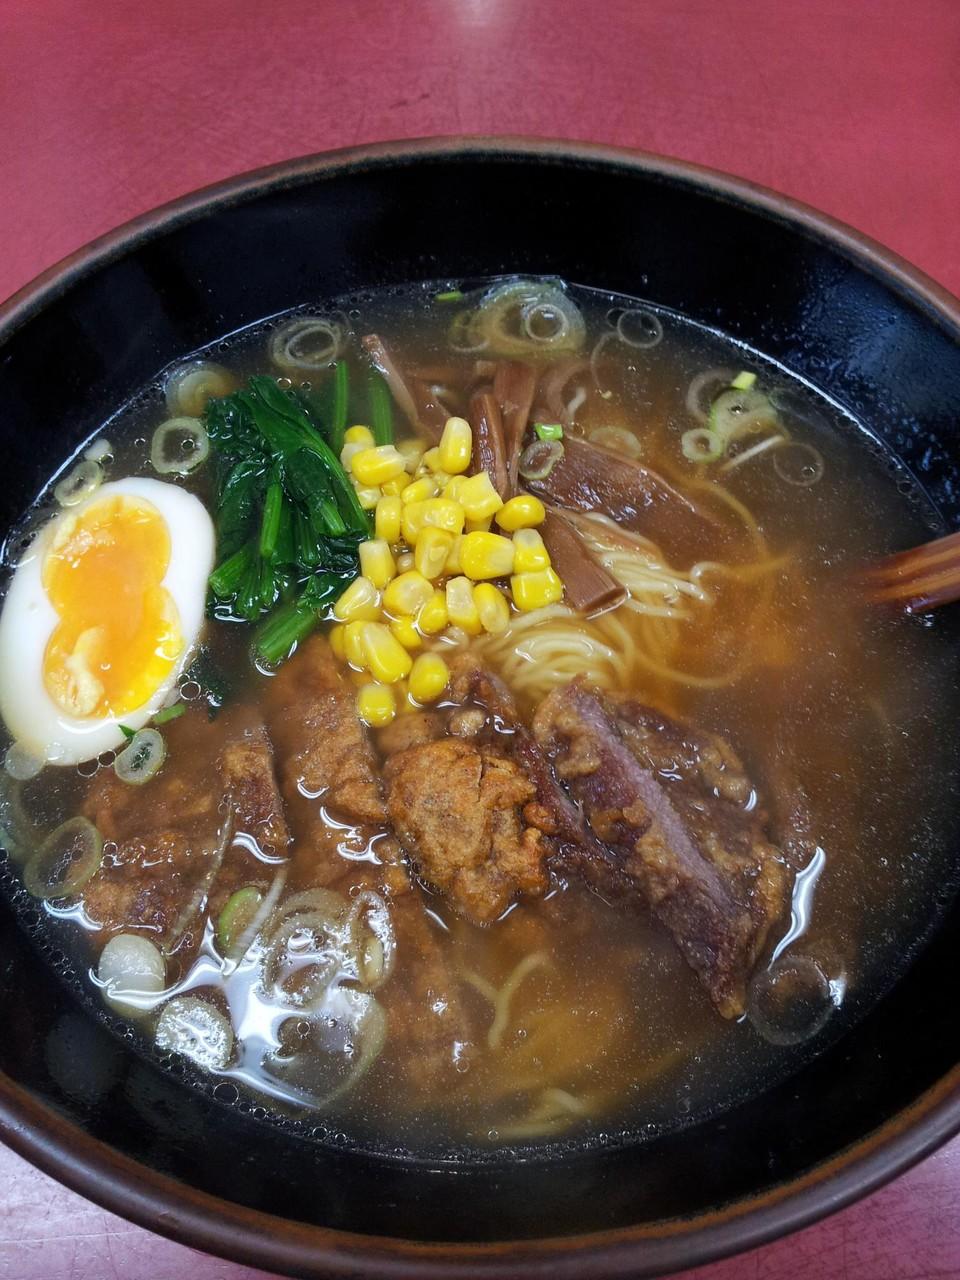 ゲーリー山本さんが、海員閣のパーコー飯を食べ損ねたので、代わりに山水樓のパーコー麺を頼みますたよ。ということで、ラーメン解禁なのだ! 【2013年4月15日】